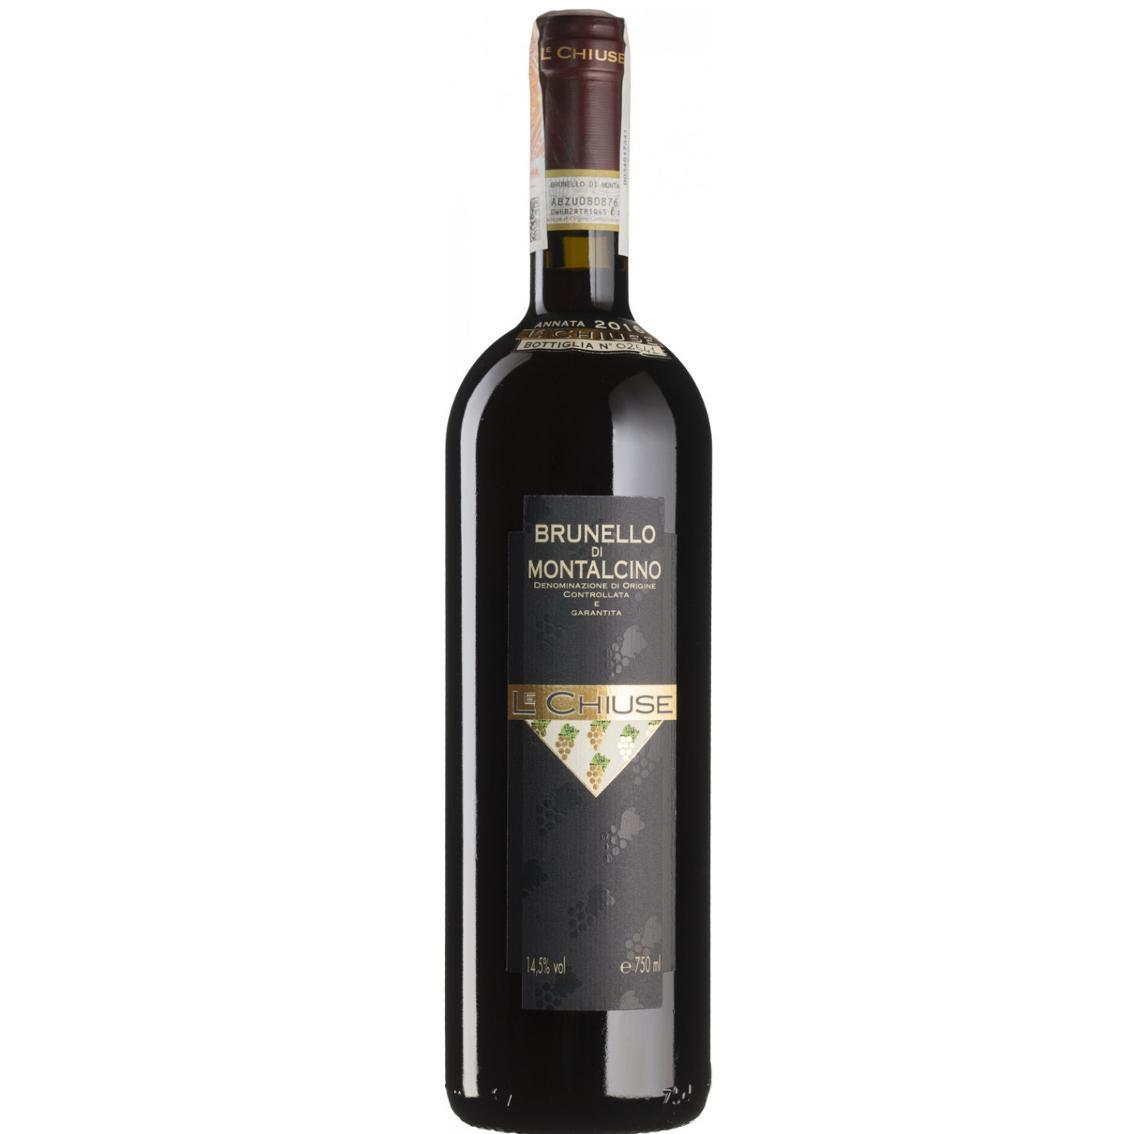 Magnum (1,5 l.) 2016 Brunello di Montalcino - Le Chiuse